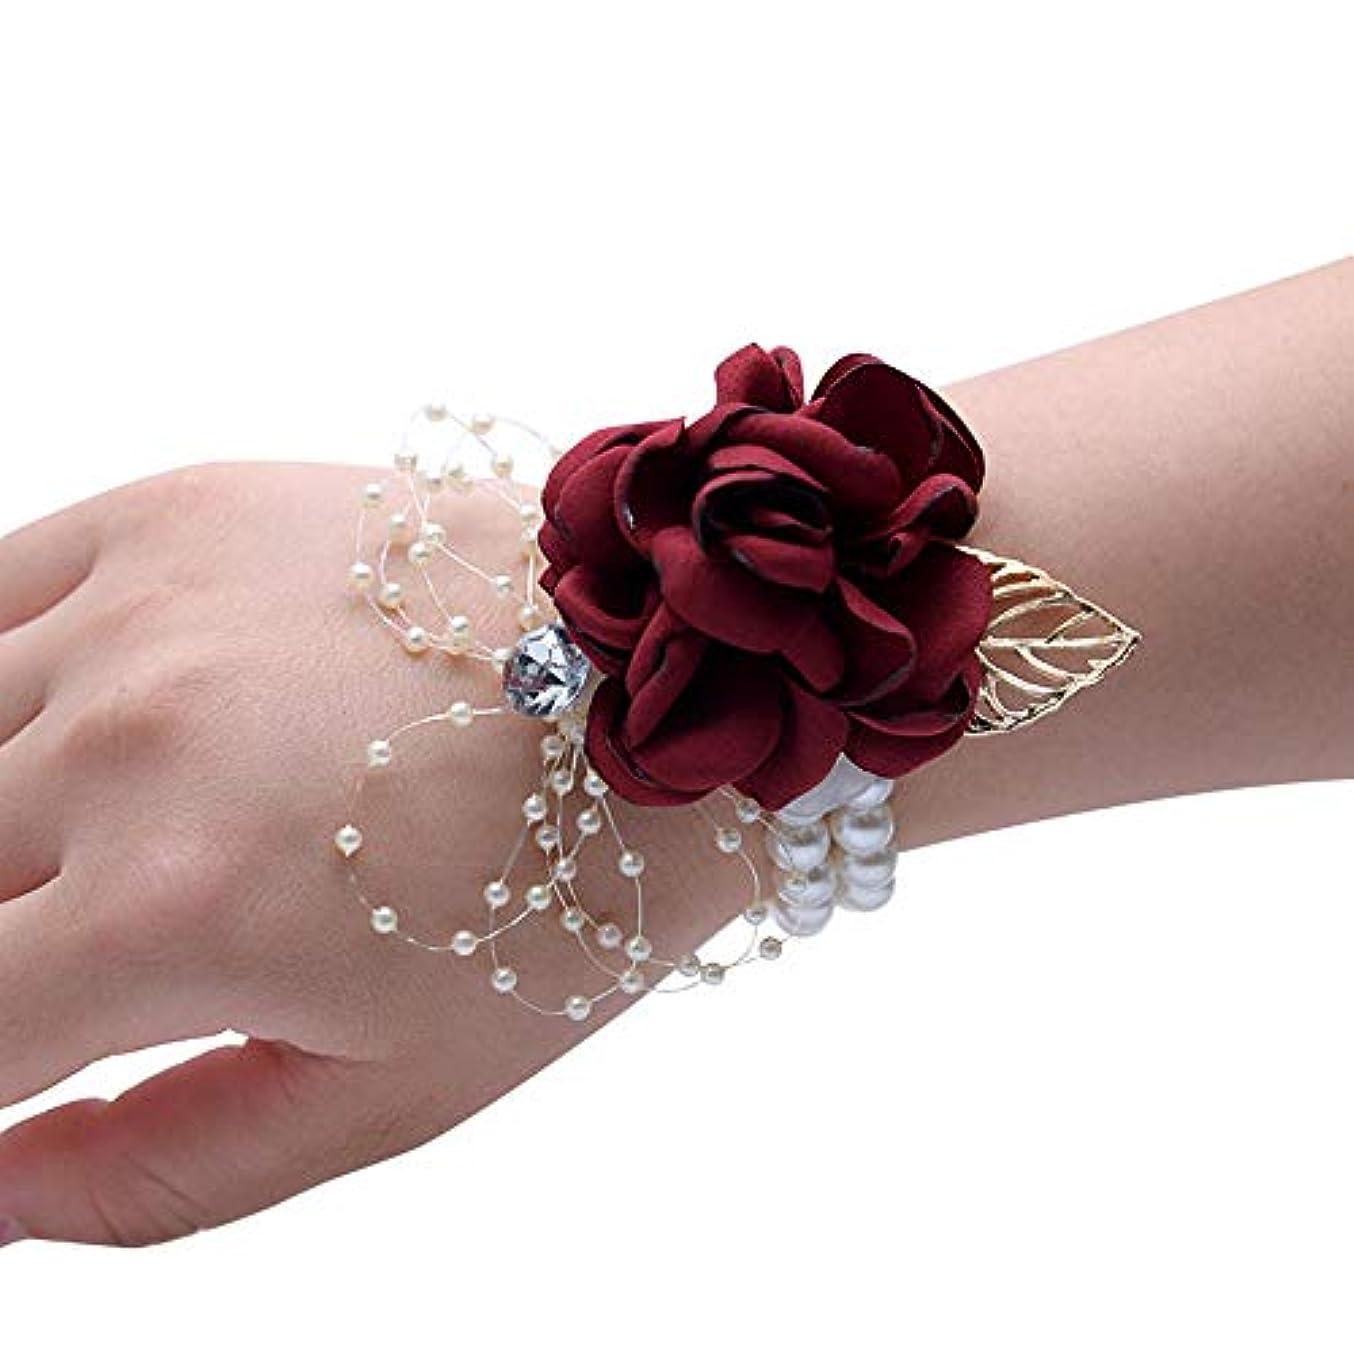 に同意するナチュラル貫通Merssavo 手首の花 - 女の子チャーム手首コサージュブレスレット花嫁介添人姉妹の手の花のどの真珠の結婚式、ワインレッド